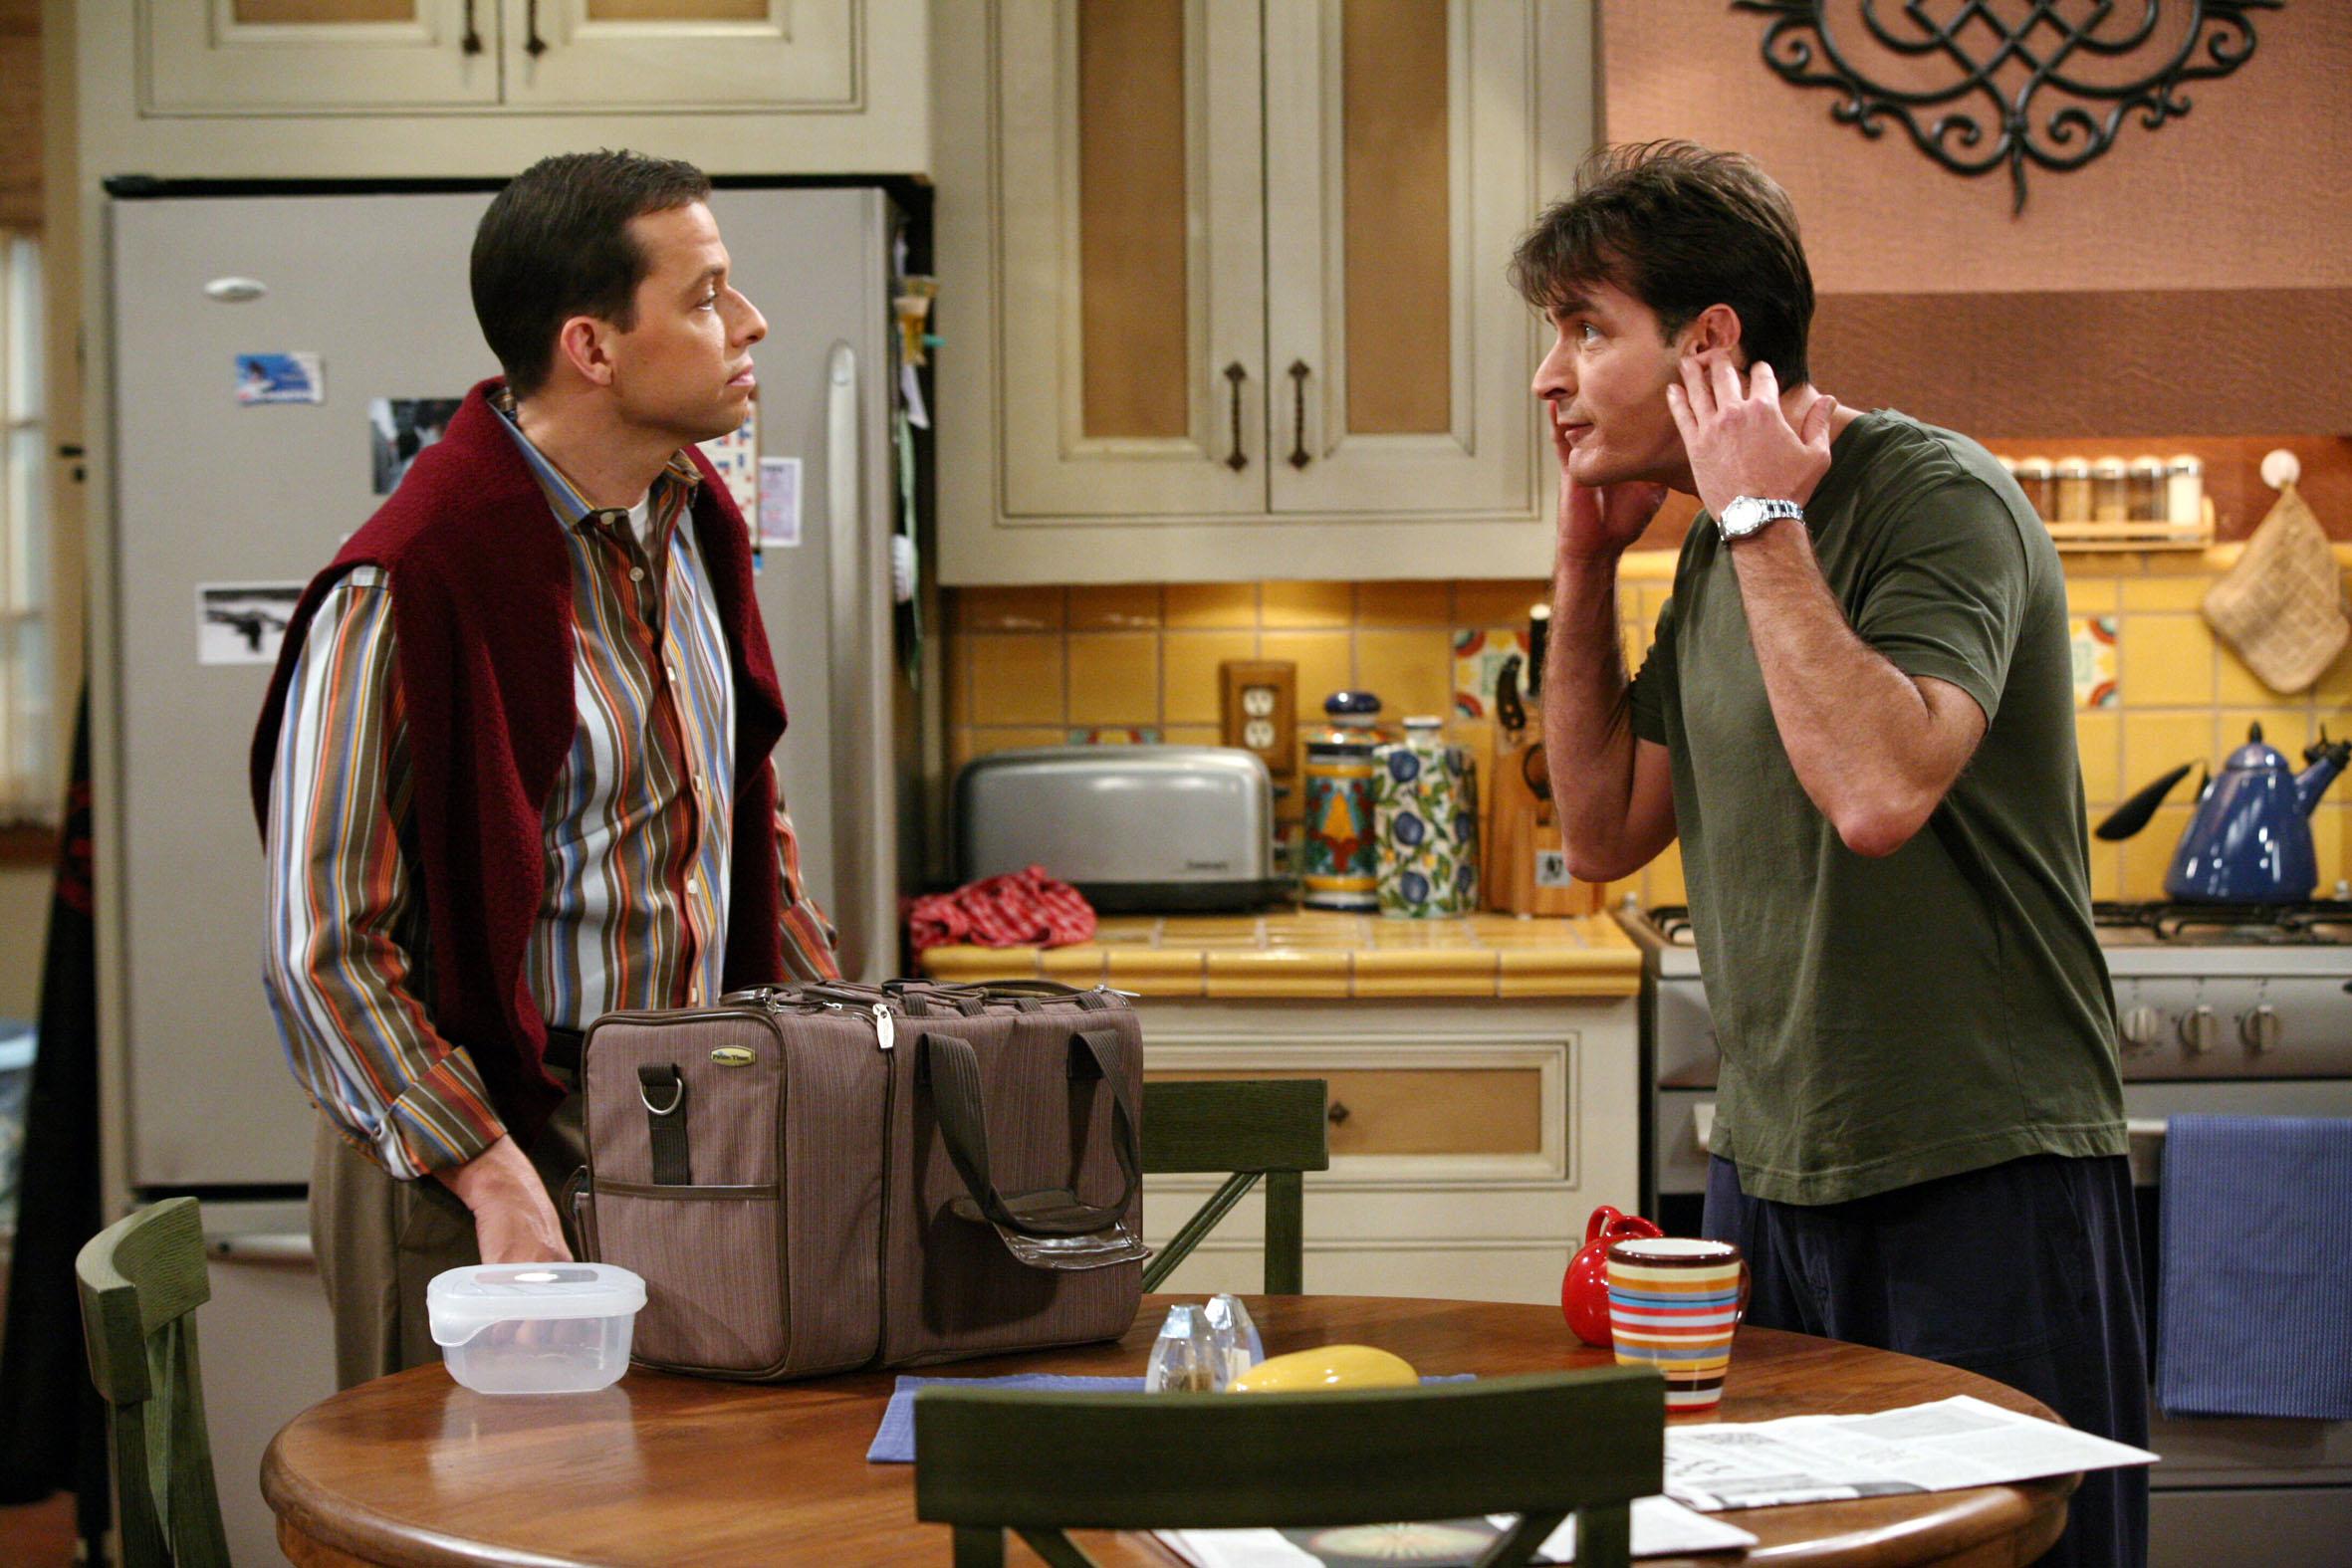 Два с половиной человека 2 сезон 3 серия сумка полная хлама смотреть онлайн!